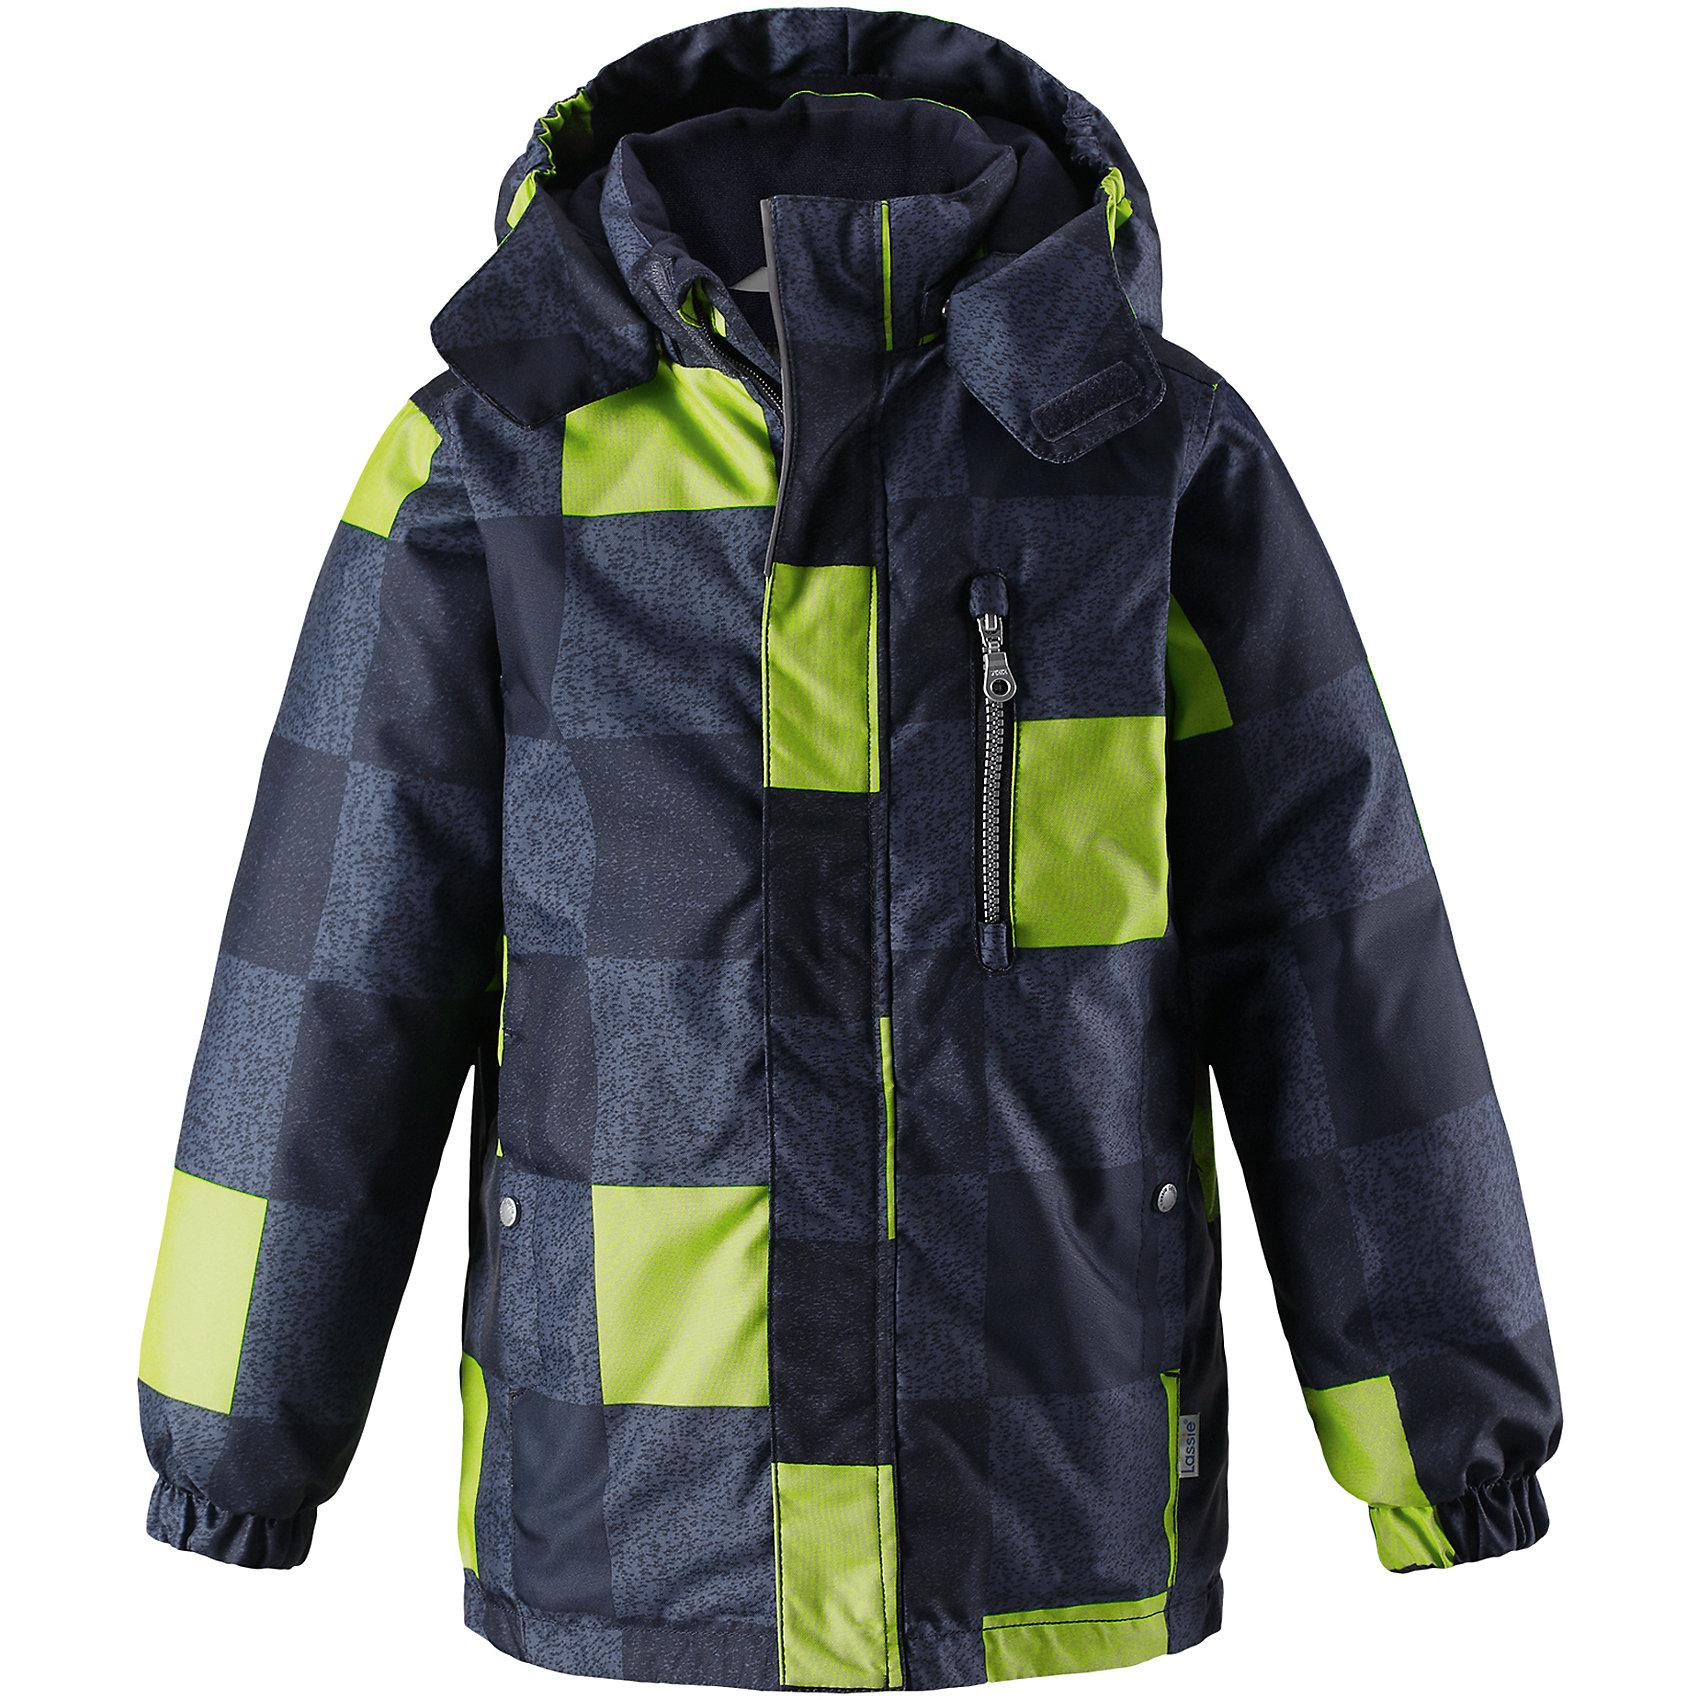 Куртка Lassie для мальчикаОдежда<br>Хорошо выглядеть в теплой одежде – можно! Эта стильная детская зимняя куртка изготовлена из сверхпрочного материала. Она снабжена съемным капюшоном и карманами на липучках для хранения всех найденных за день сокровищ. Идеальный выбор для детей, которые во время прогулок на свежем воздухе любят резвиться на полную!<br>Состав:<br>100% Полиэстер<br><br>Ширина мм: 356<br>Глубина мм: 10<br>Высота мм: 245<br>Вес г: 519<br>Цвет: синий<br>Возраст от месяцев: 24<br>Возраст до месяцев: 36<br>Пол: Мужской<br>Возраст: Детский<br>Размер: 98,92,140,134,128,122,116,110,104<br>SKU: 6927611